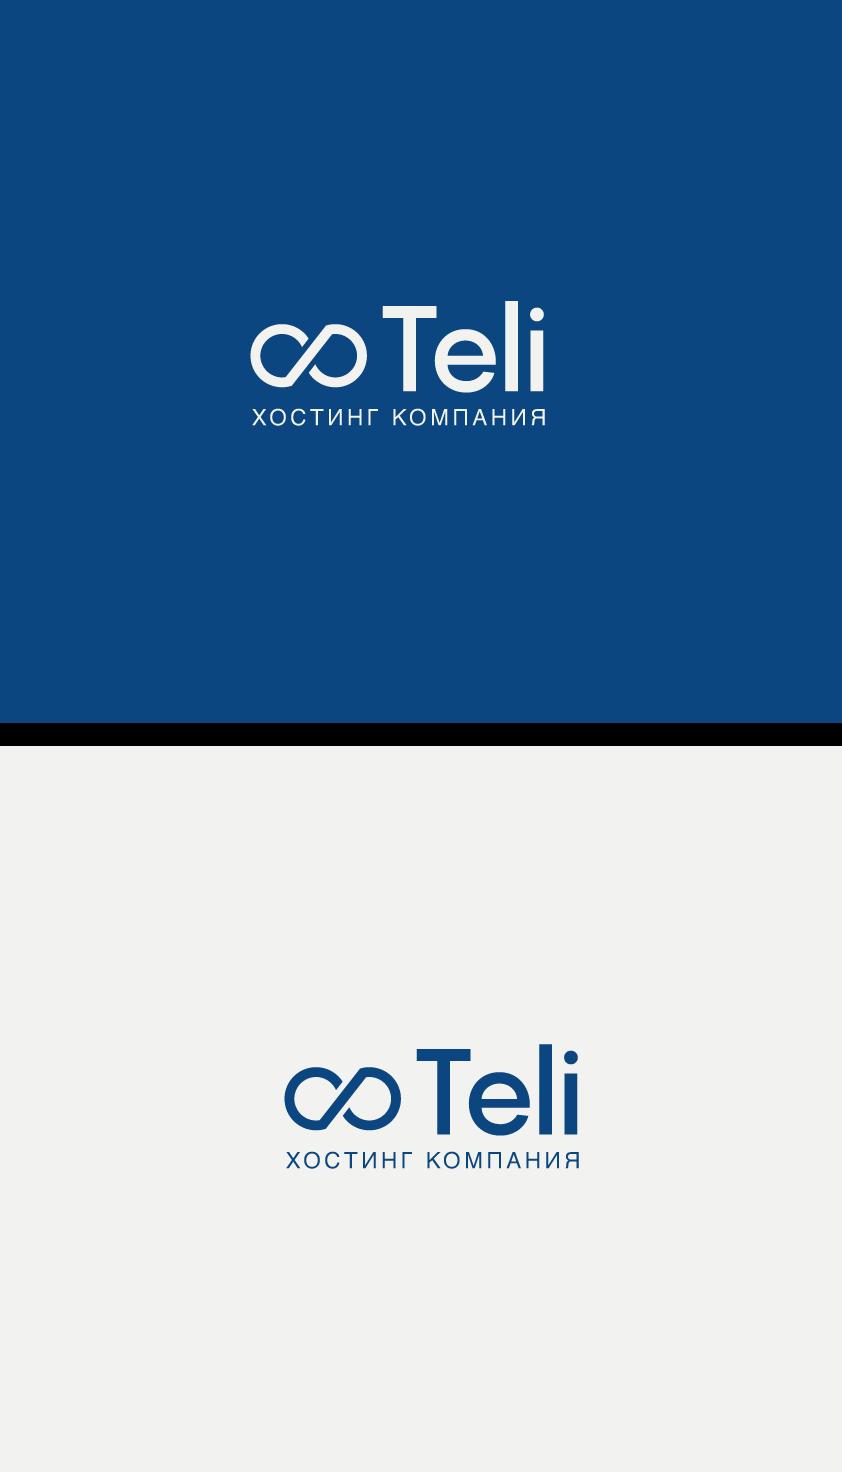 Разработка логотипа и фирменного стиля фото f_78058f7eecceeced.png